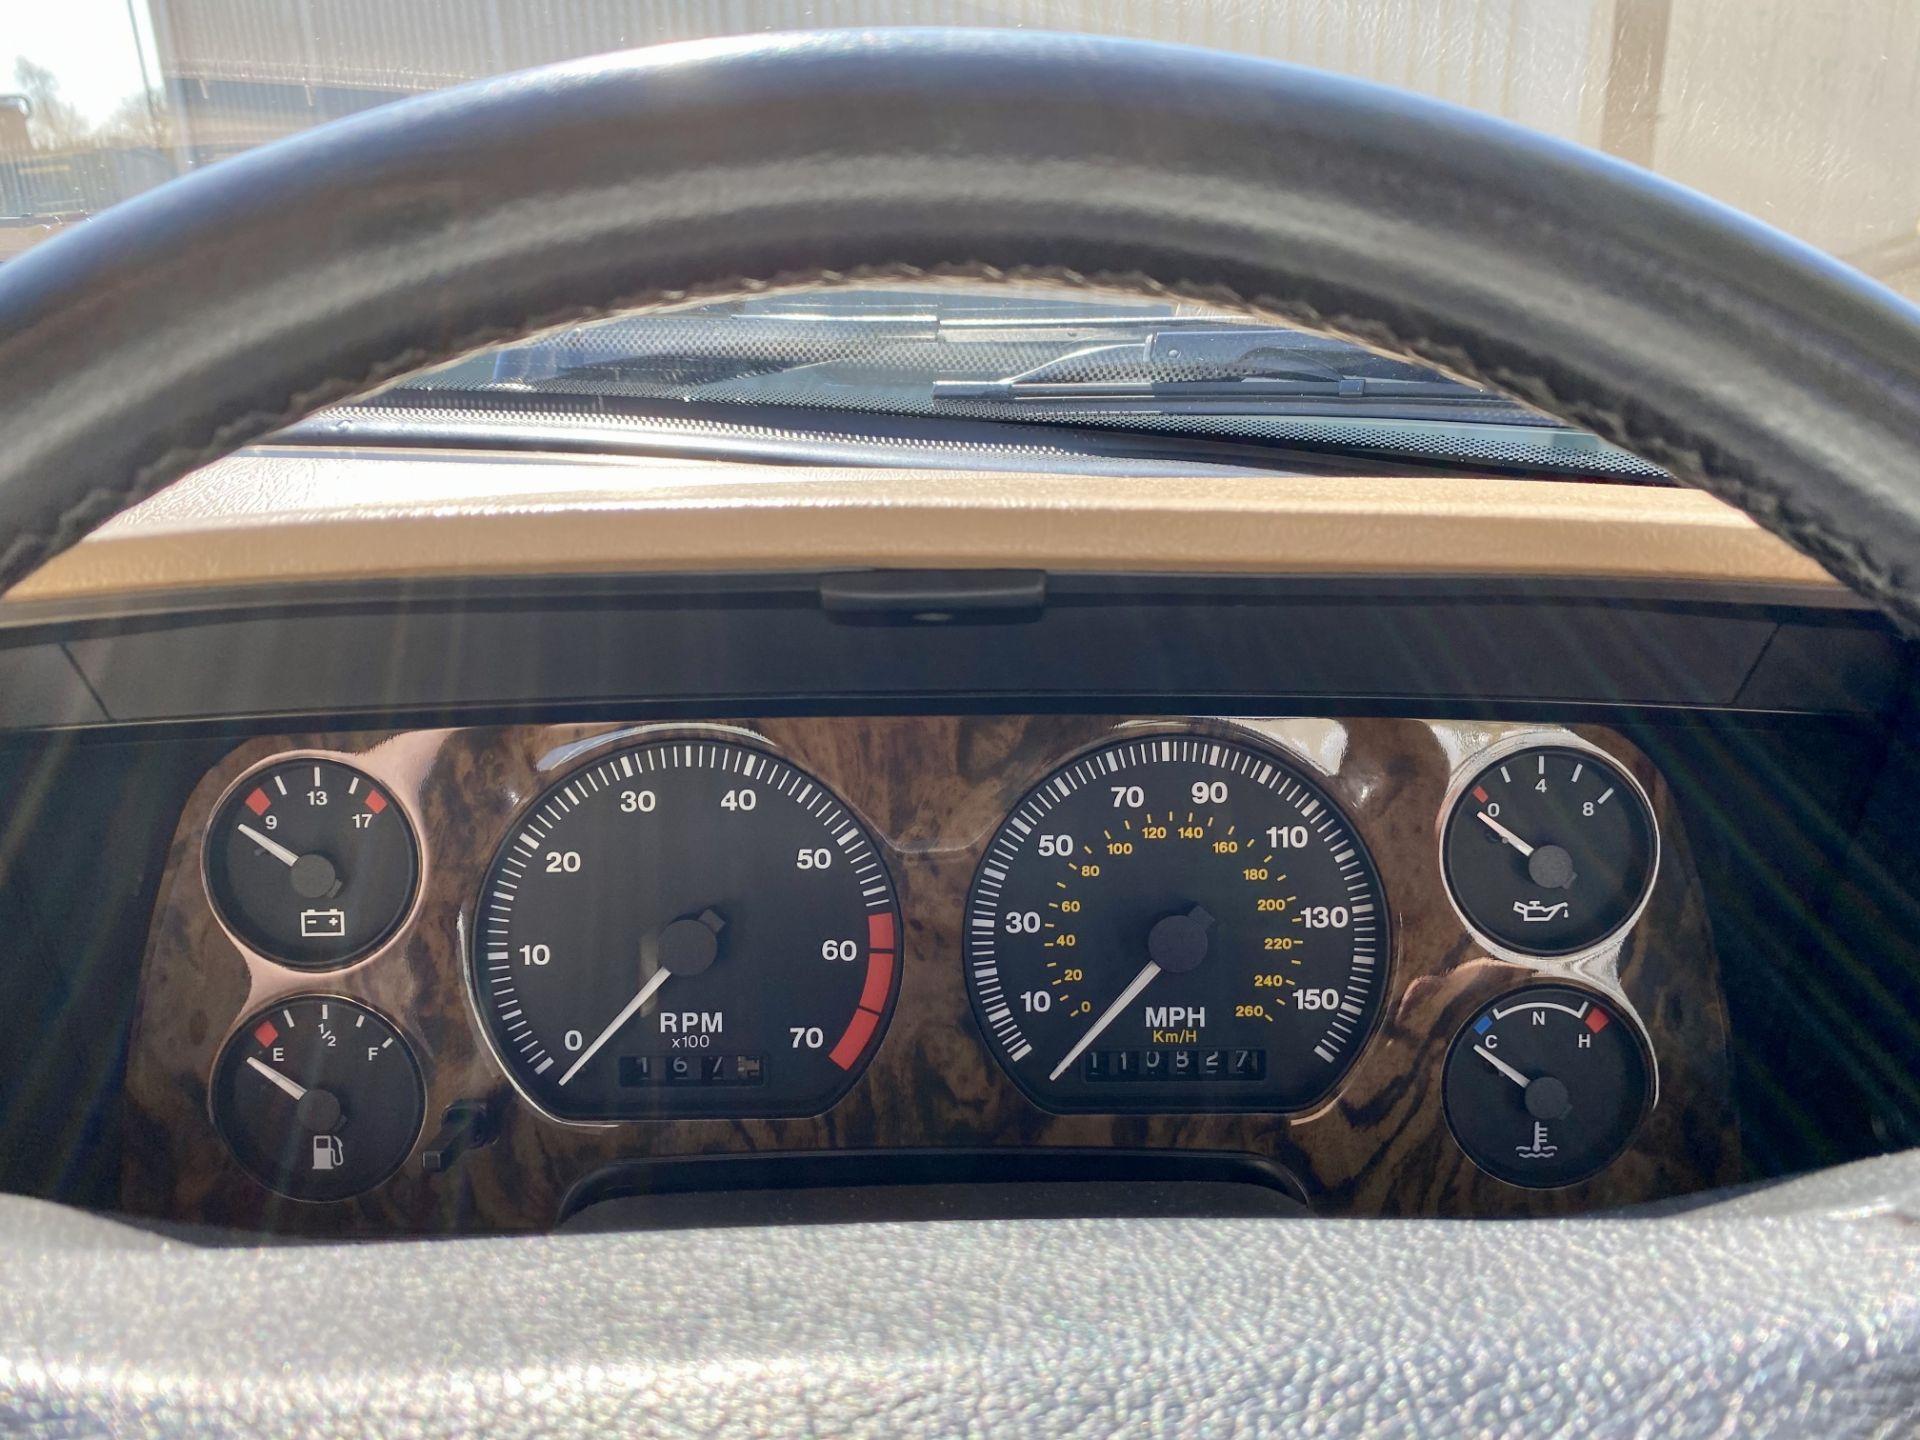 Jaguar XJS coupe - Image 52 of 64